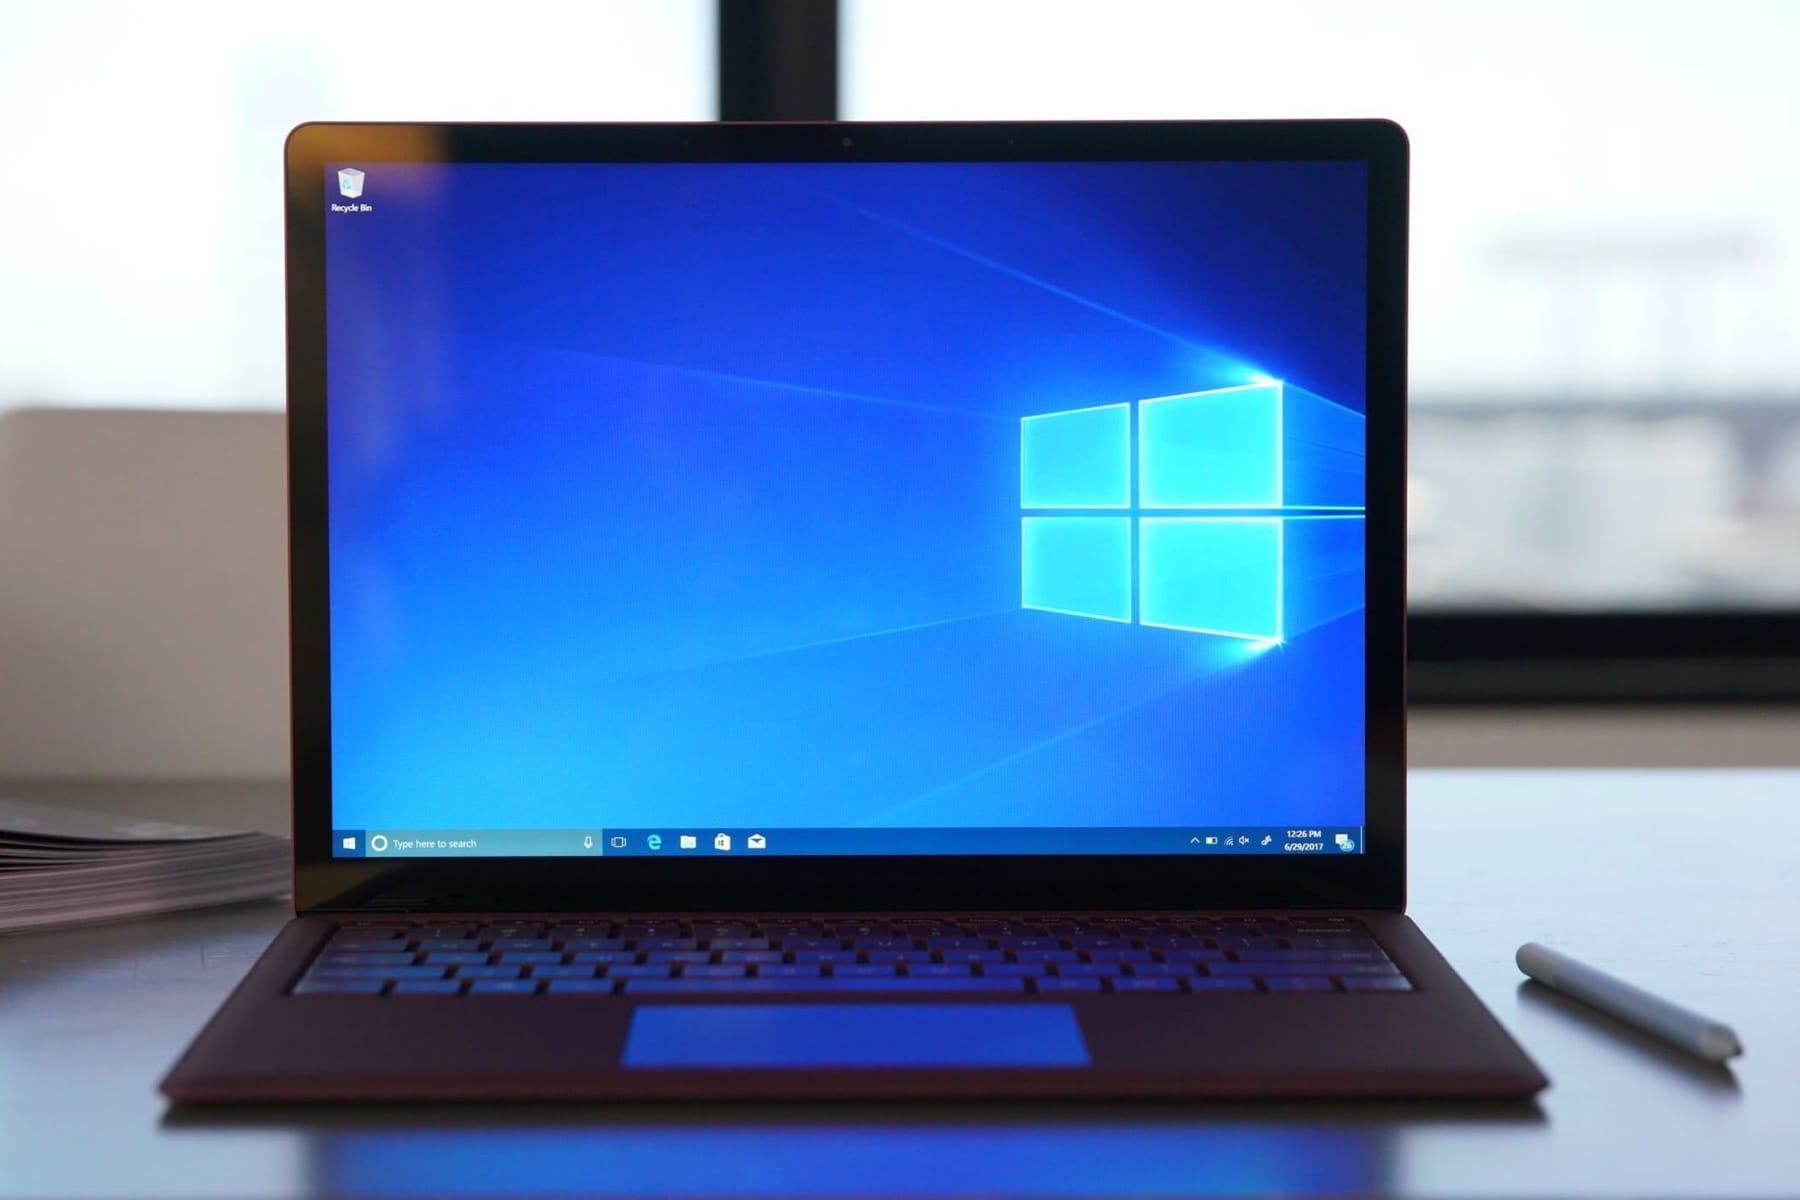 Юзеры WindowsXP иWindows Vista больше несмогут зайти вSteam